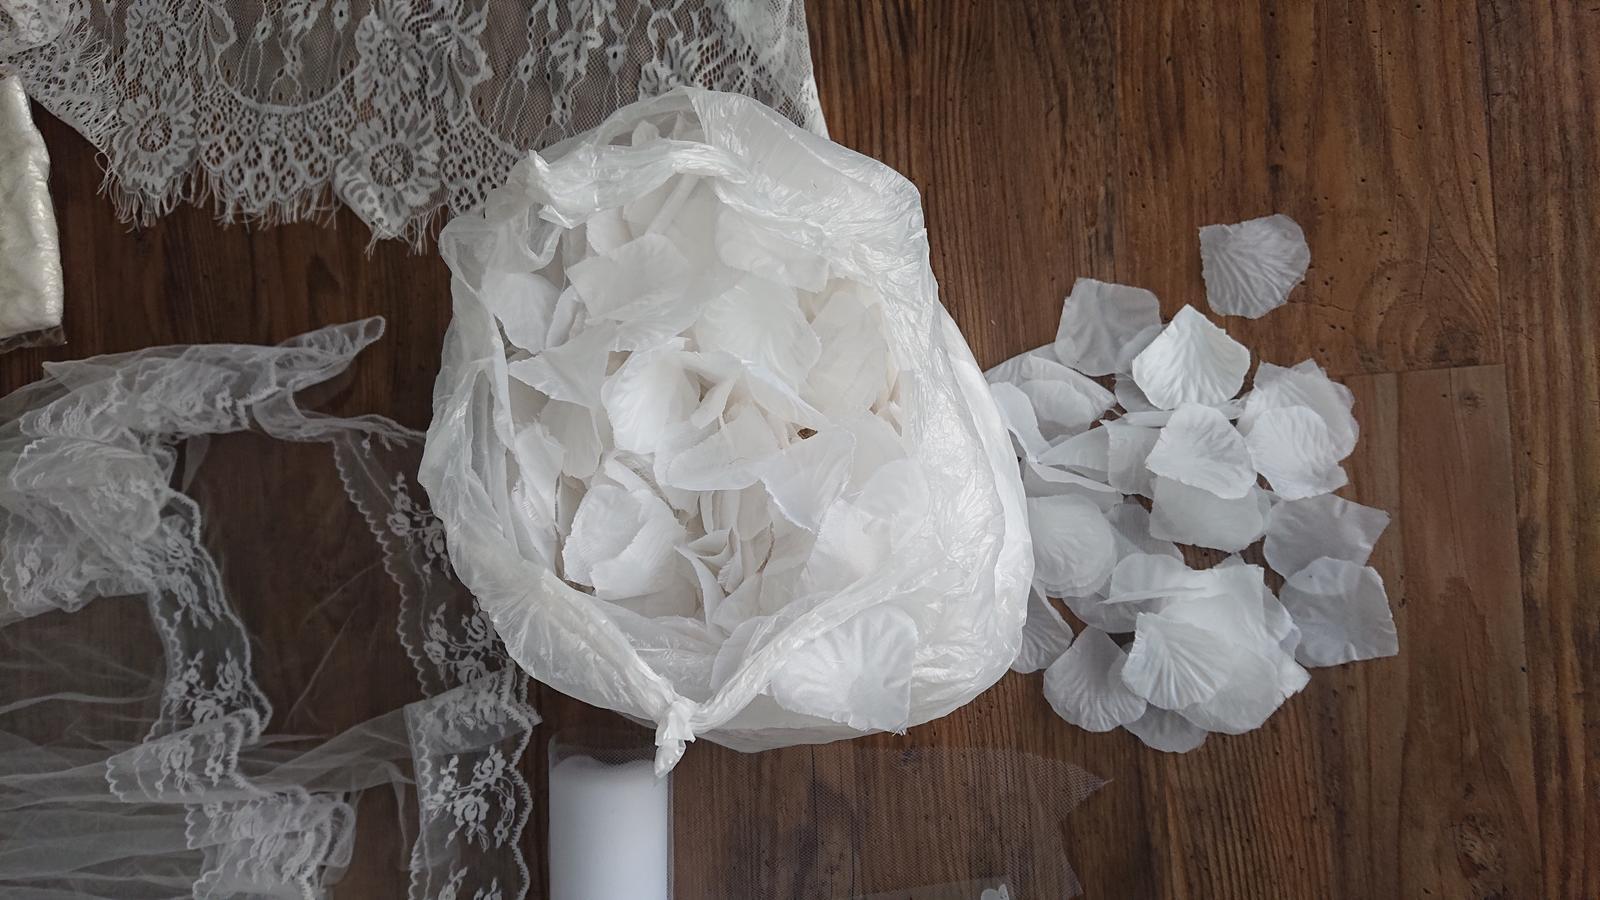 plna taska bielych lupenou - Obrázok č. 1